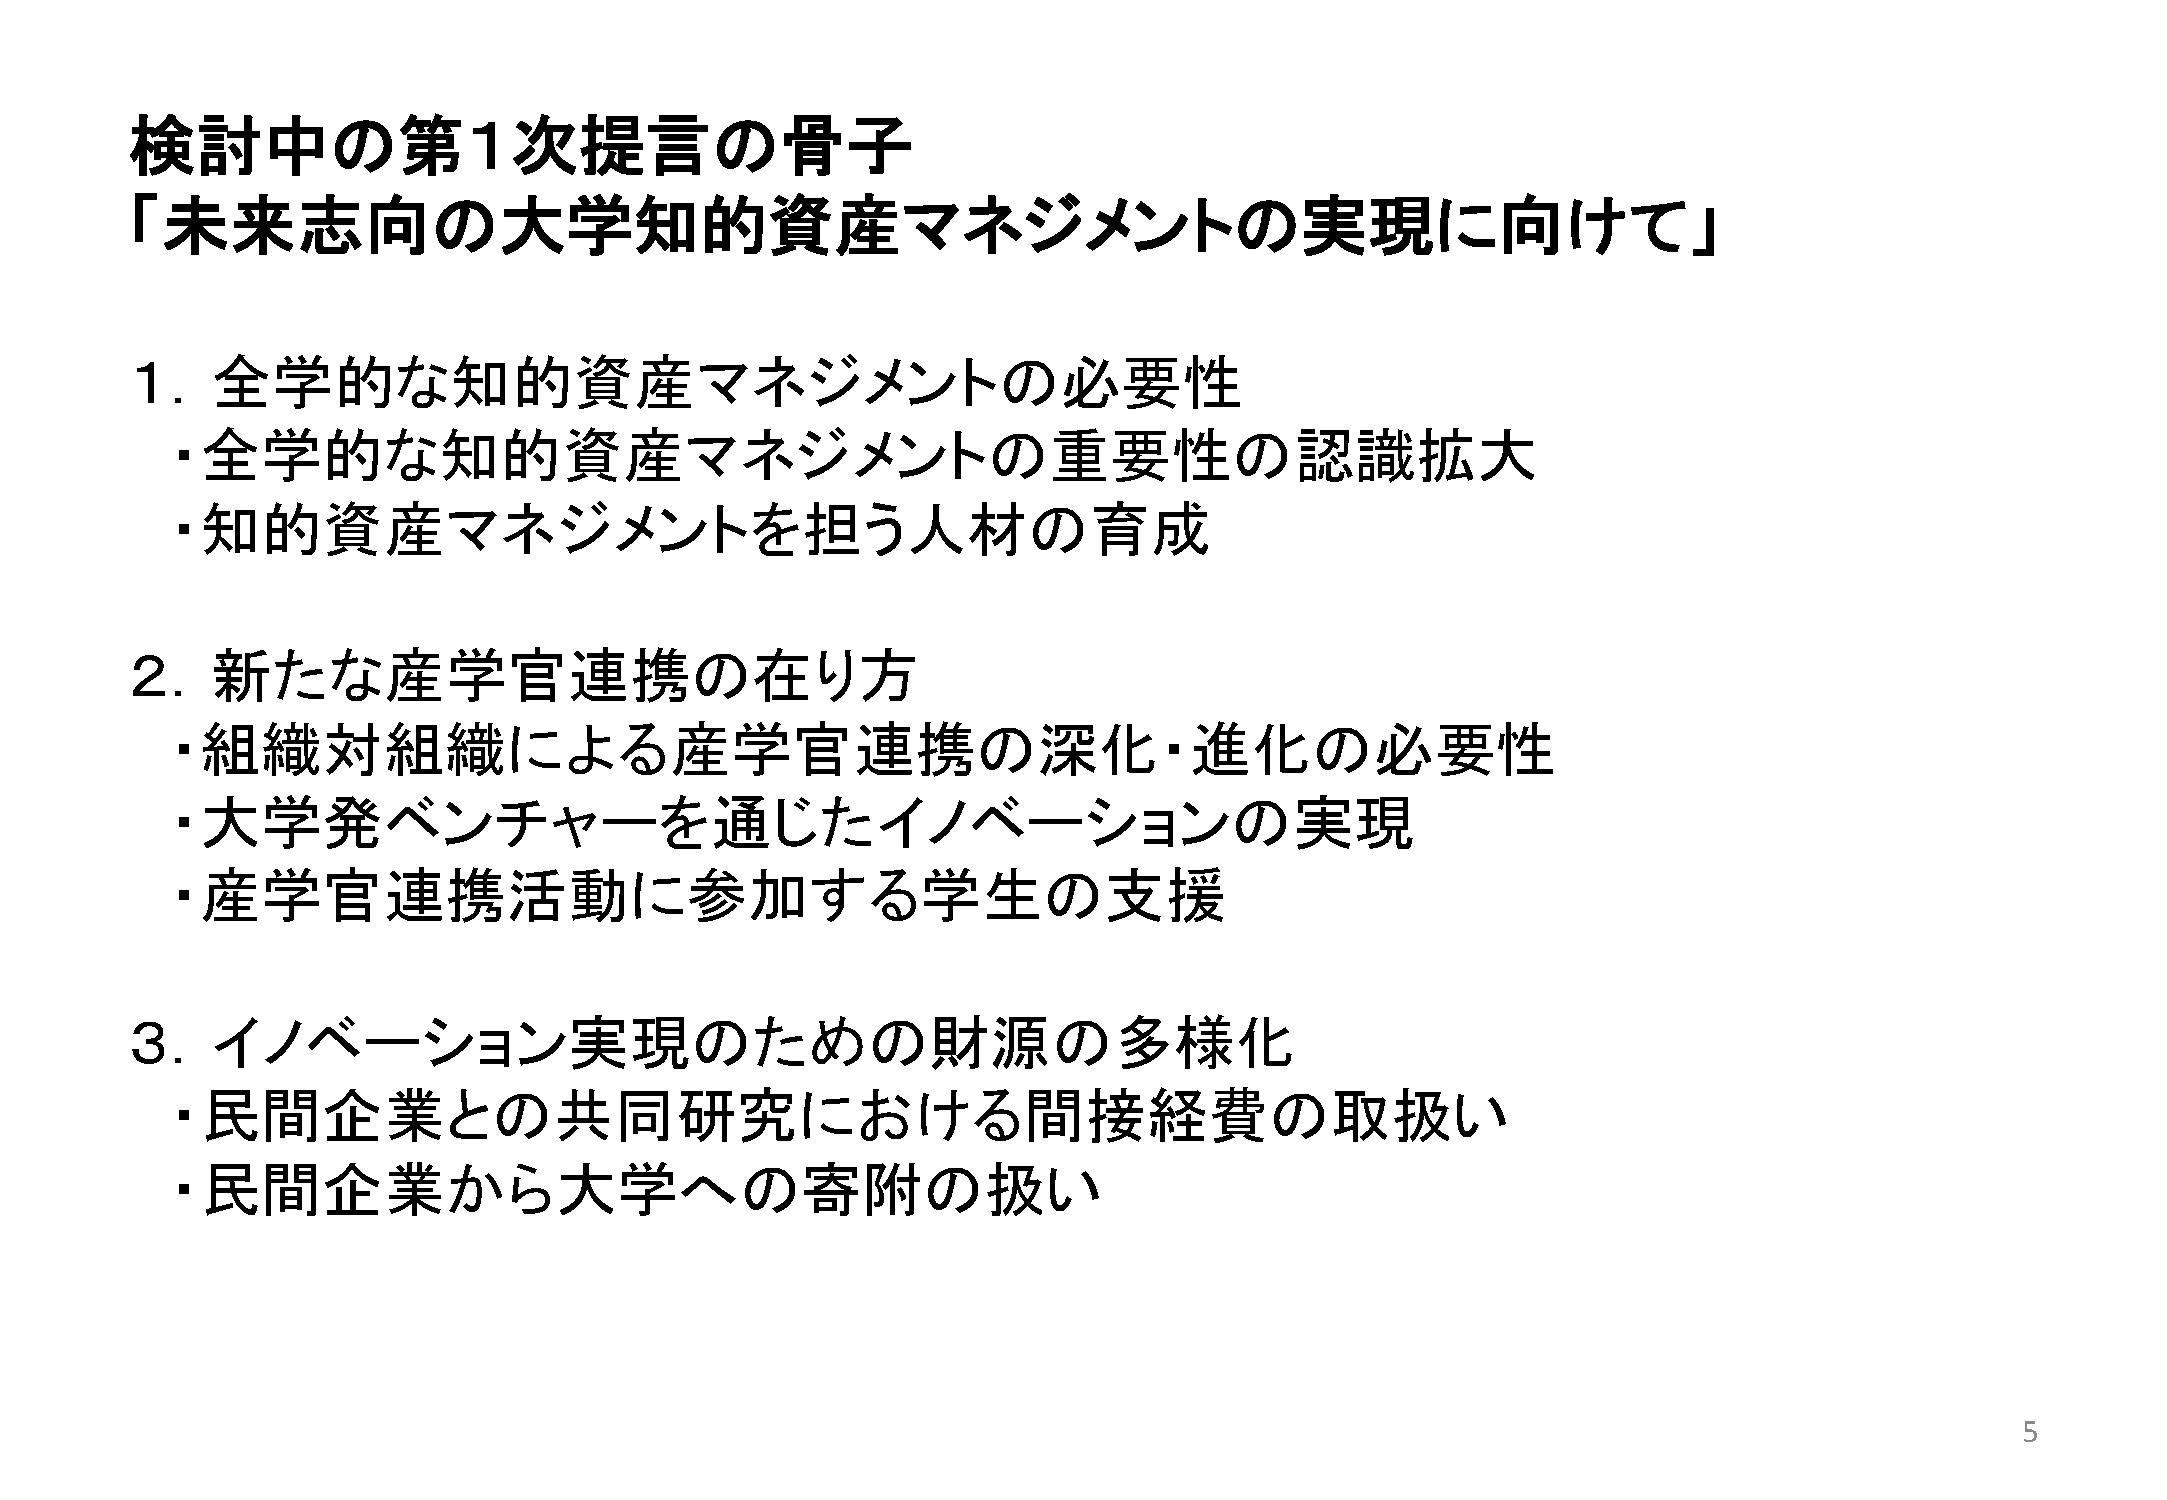 山下氏講演資料2